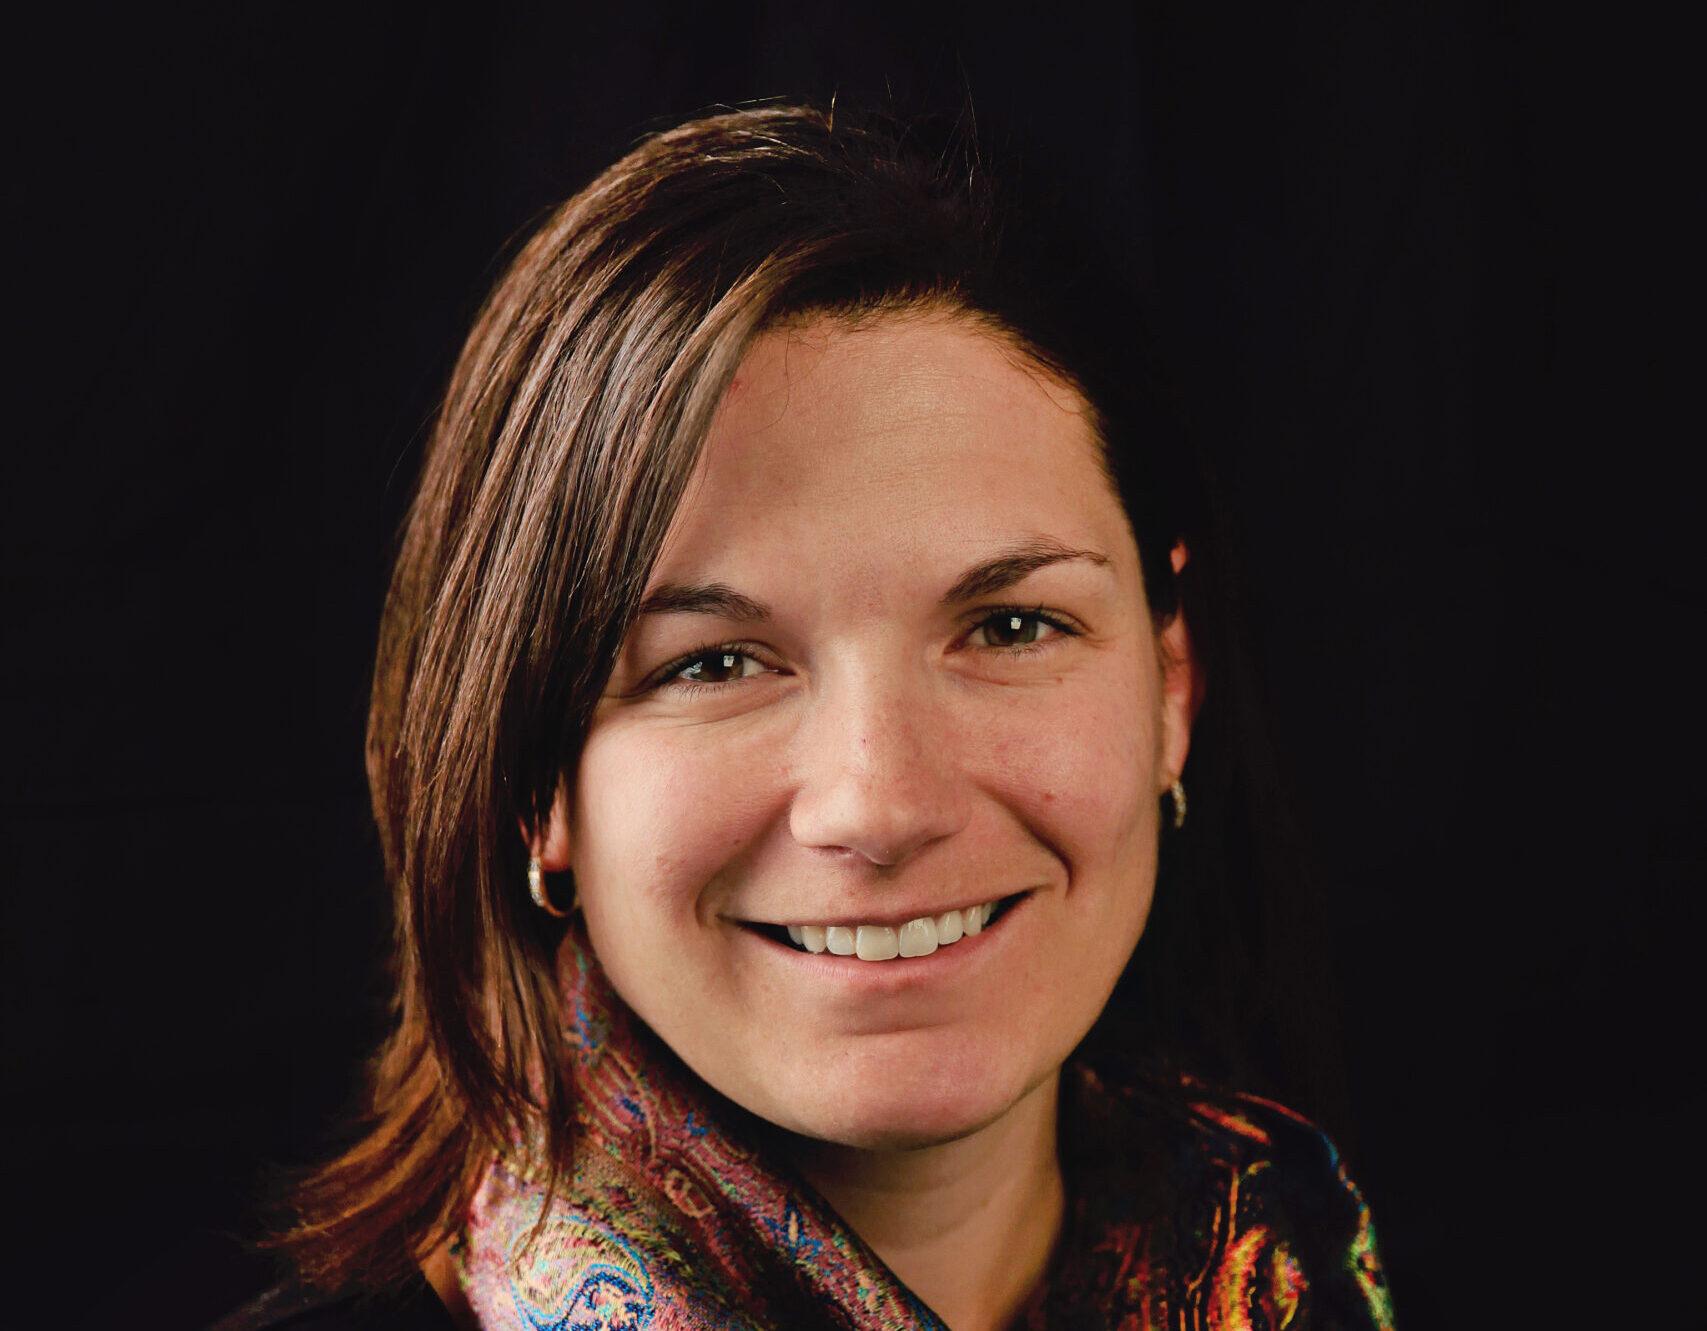 2013-14 Staff HeadshotsPhoto: Sarah Brunson/U.S. Ski Team